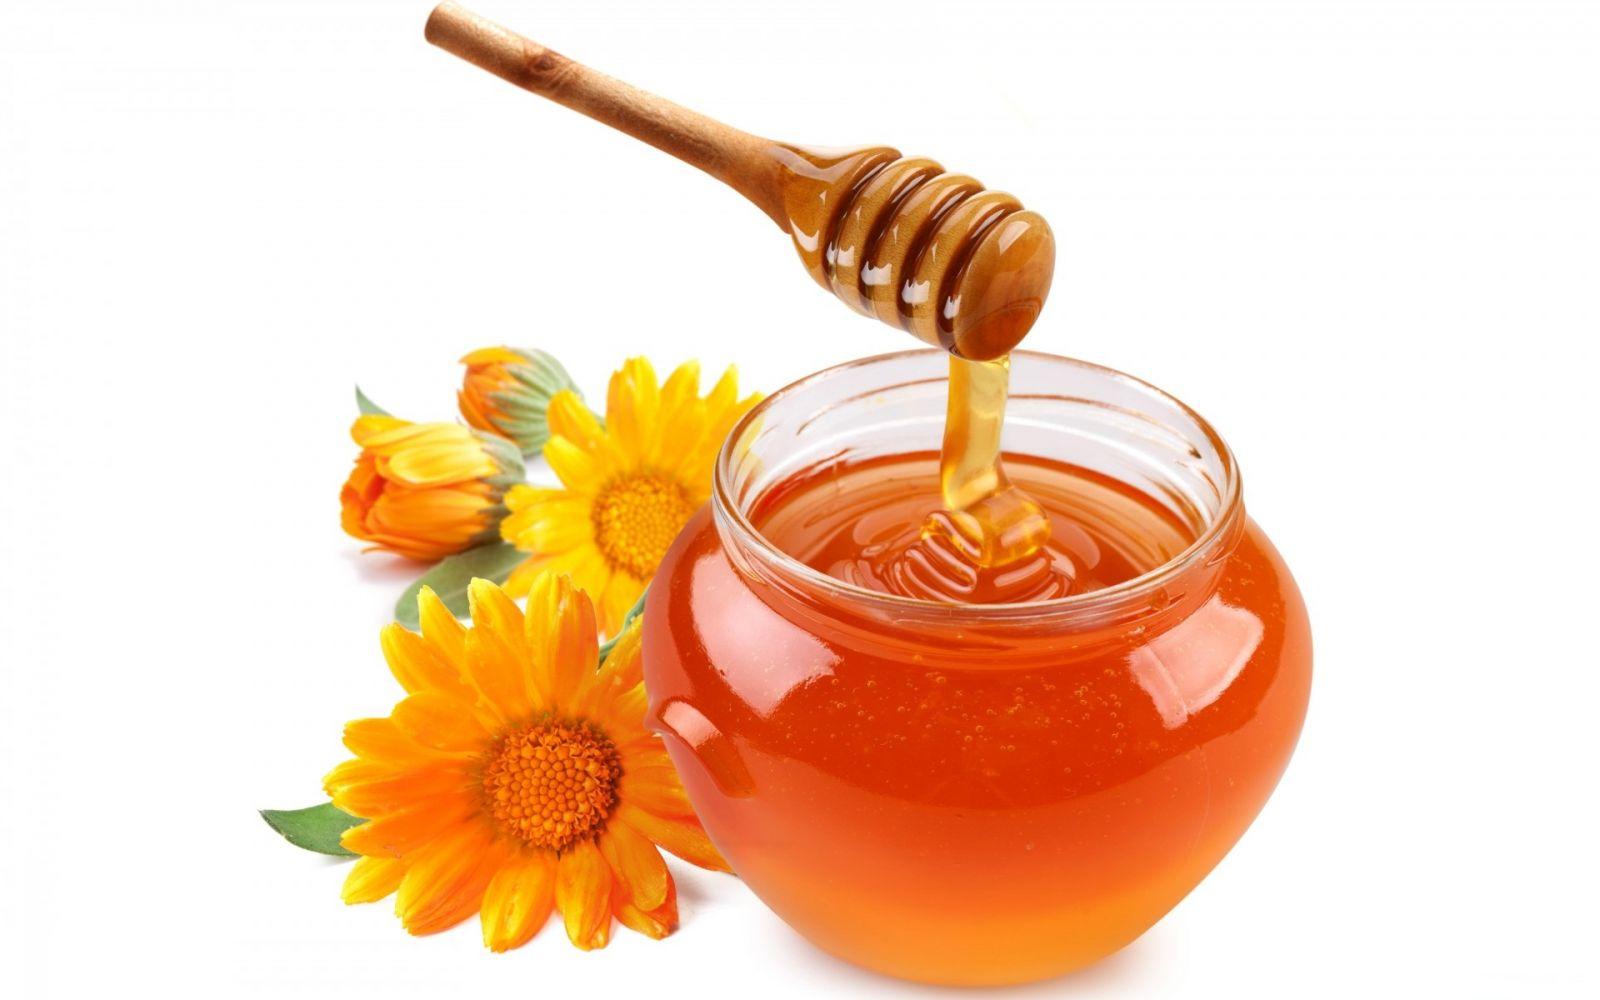 loi ich tu mat ong Mật ong và công dụng chữa bệnh tuyệt vời trong Đông y